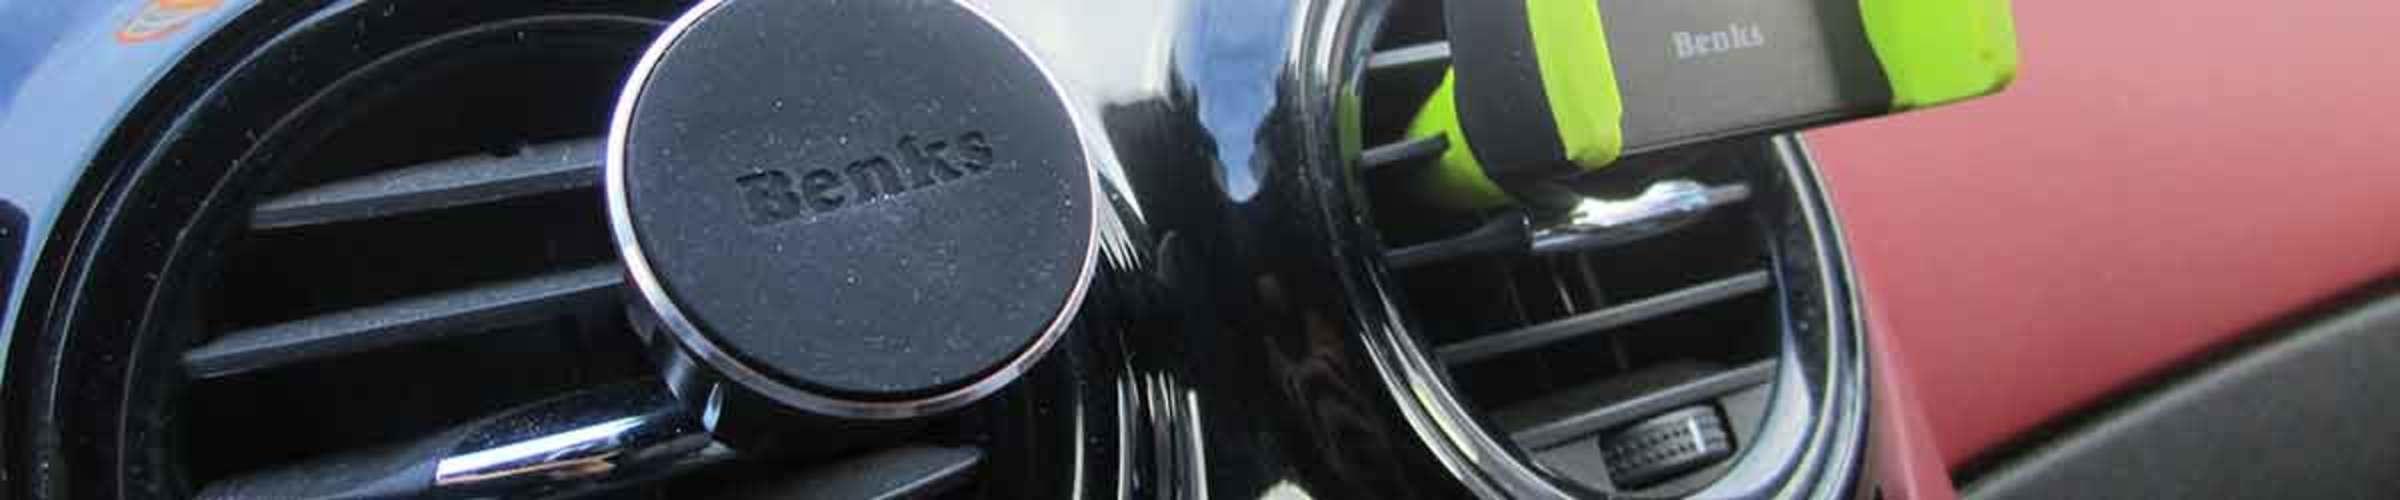 Обзор держателя для мобильного телефона в автомобиль серии Super Cool